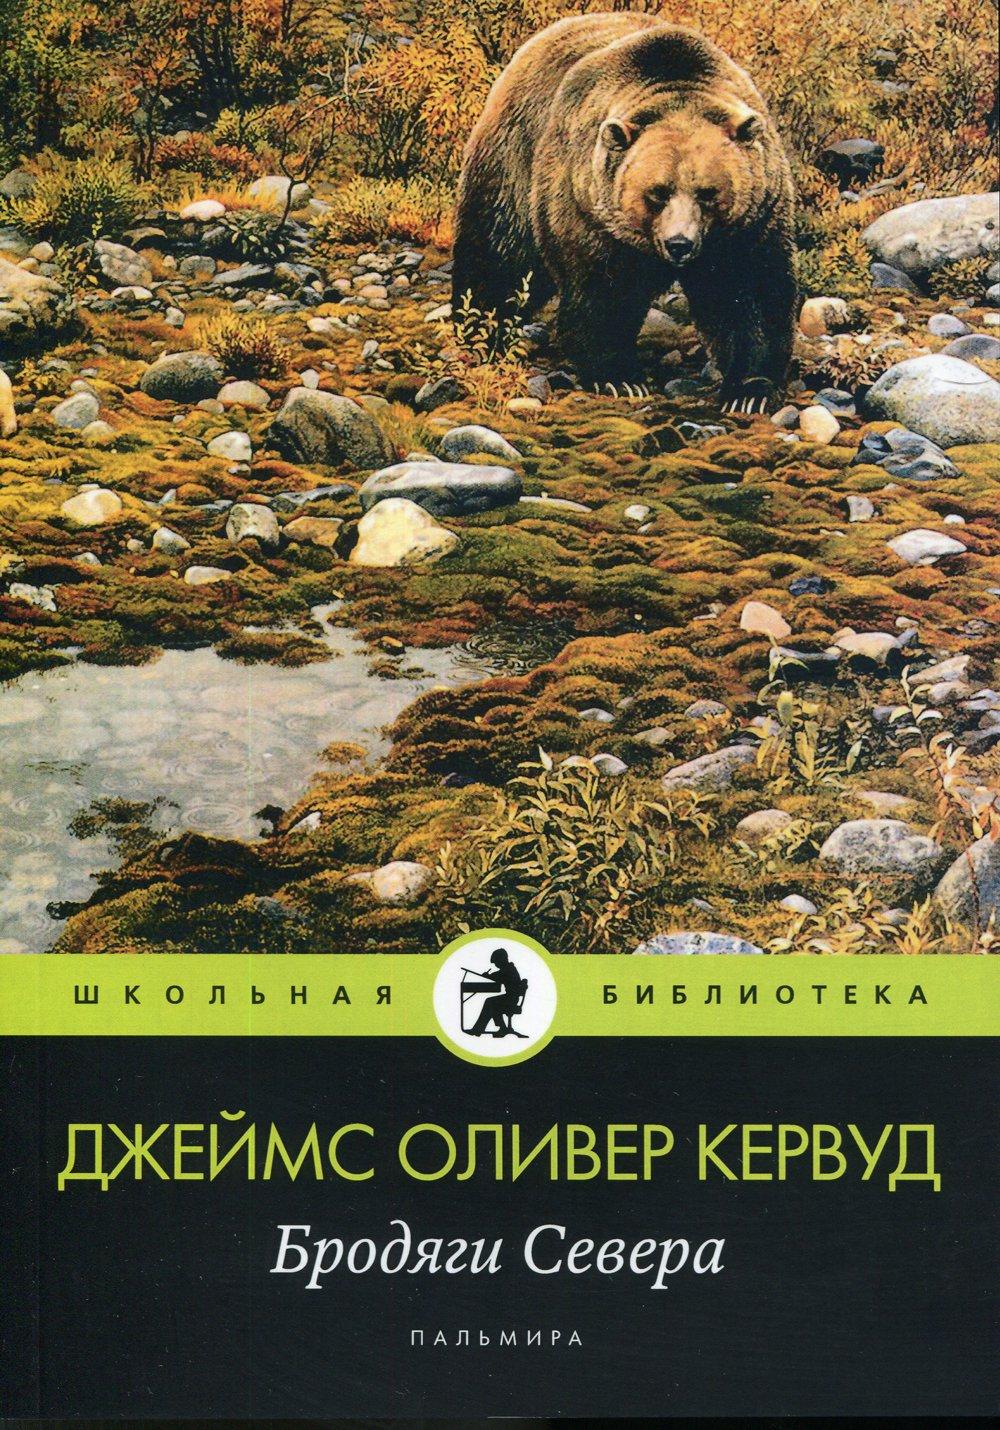 Бродяги Севера: роман ( Кервуд Джеймс Оливер  )